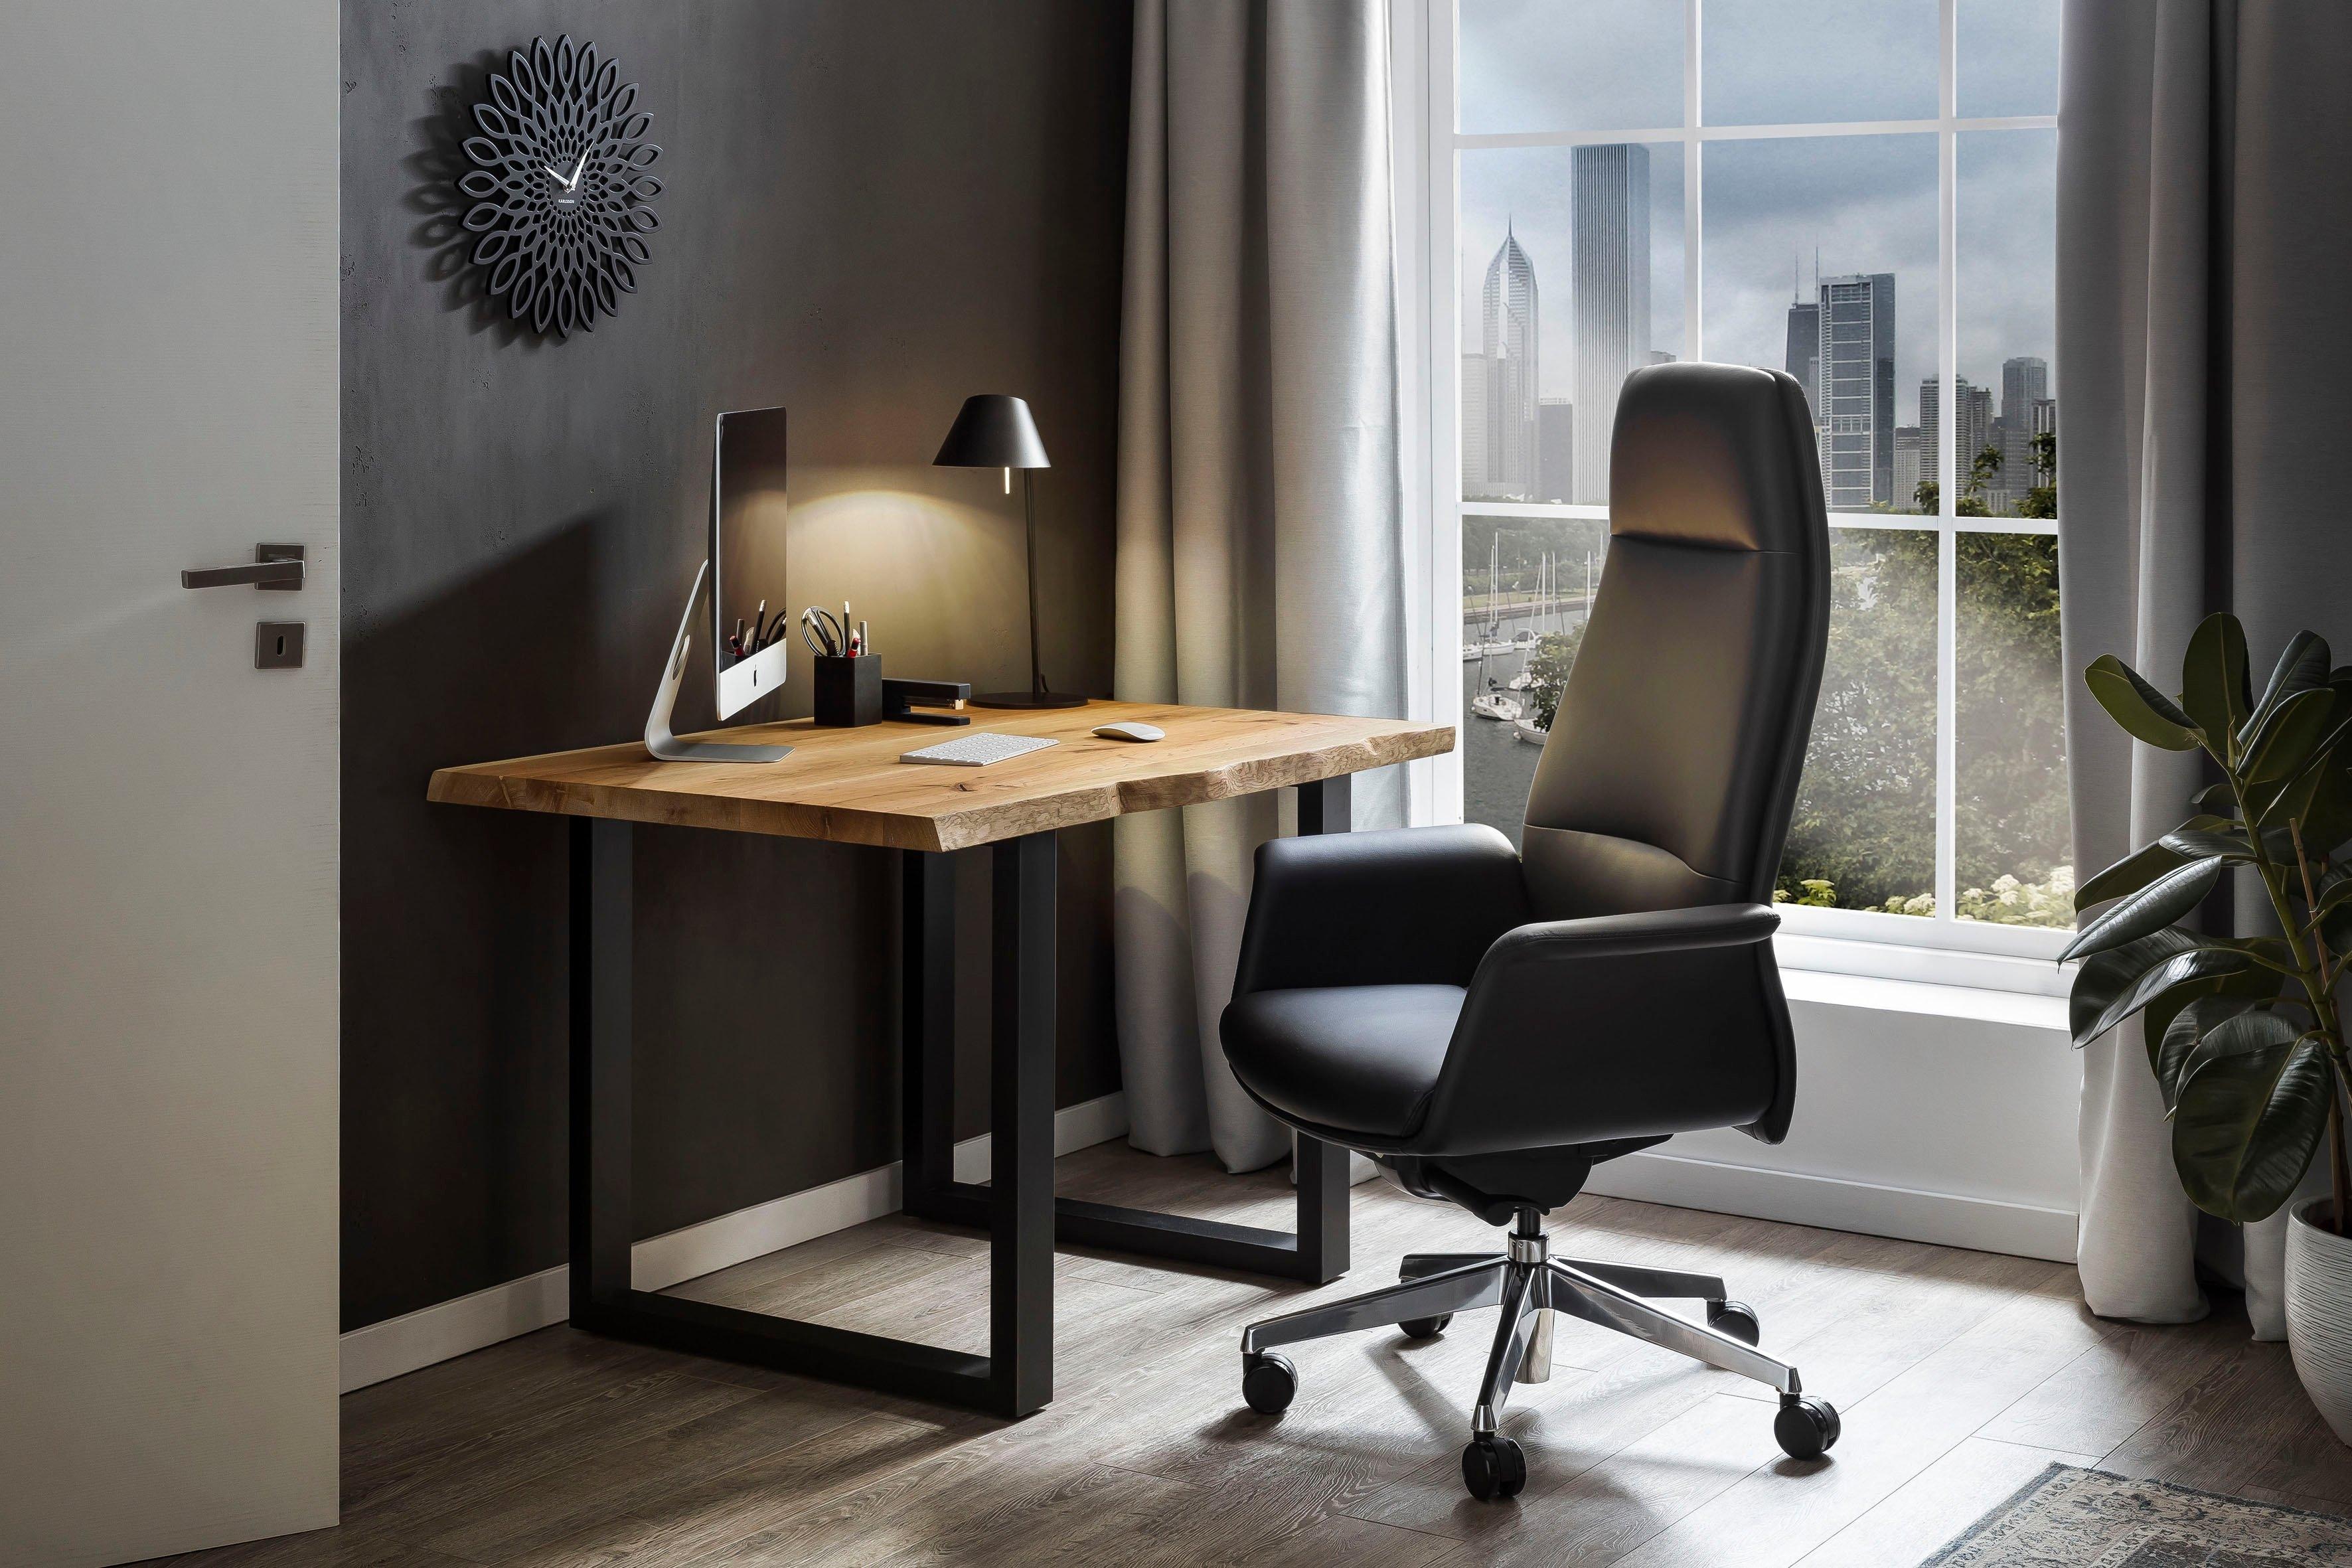 SalesFever Bureau echt schaaldeel, home office laptoptafel online kopen op otto.nl